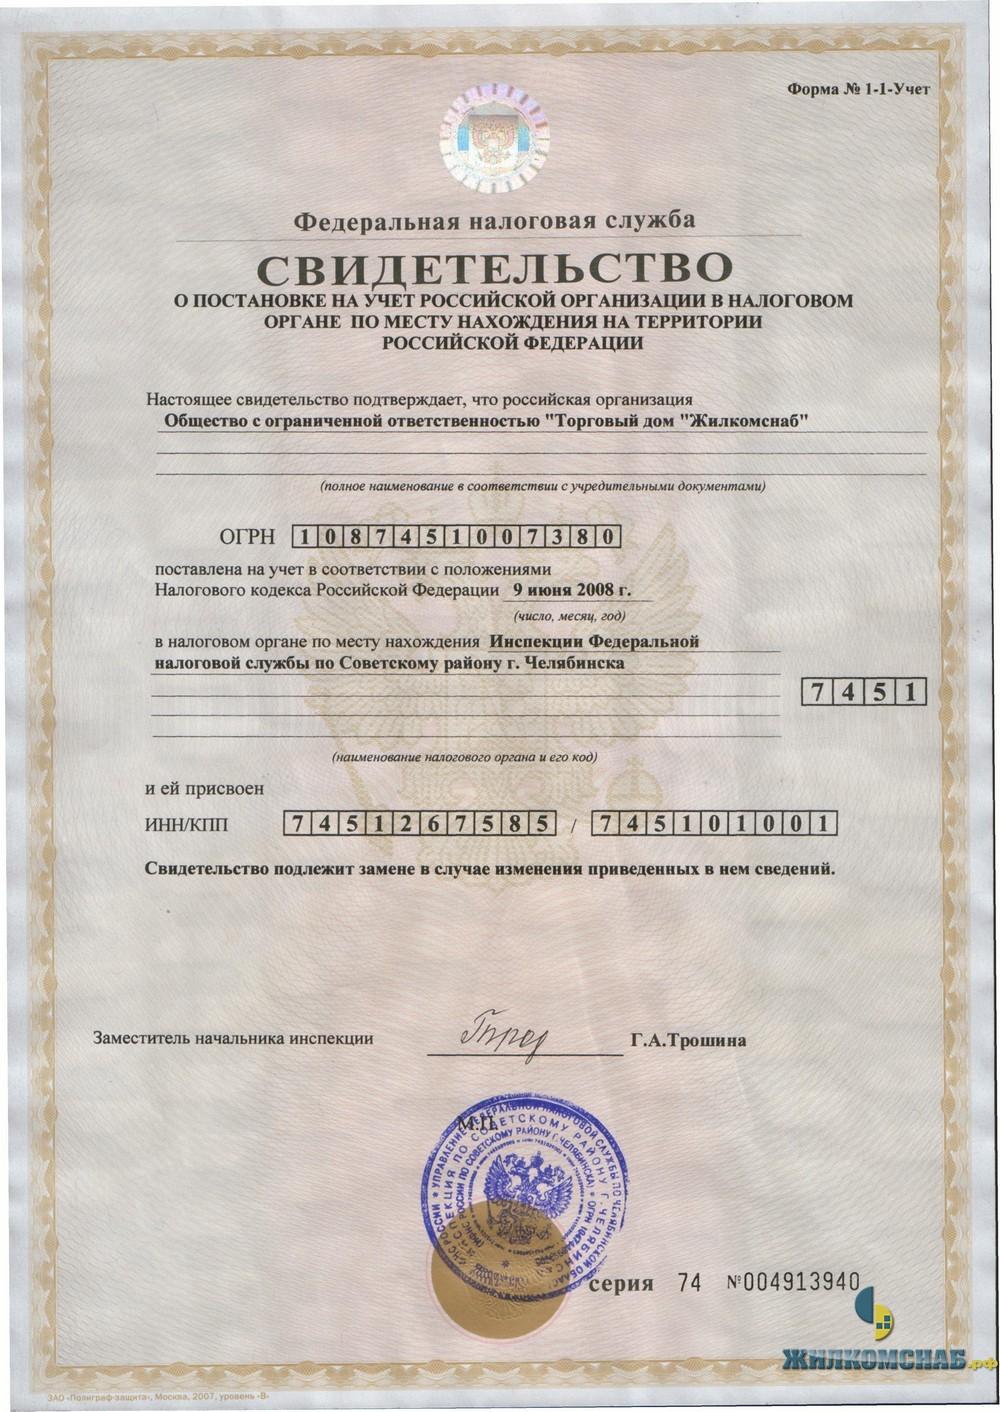 Как получить и узнать ИНН по паспорту для физического лица? 96